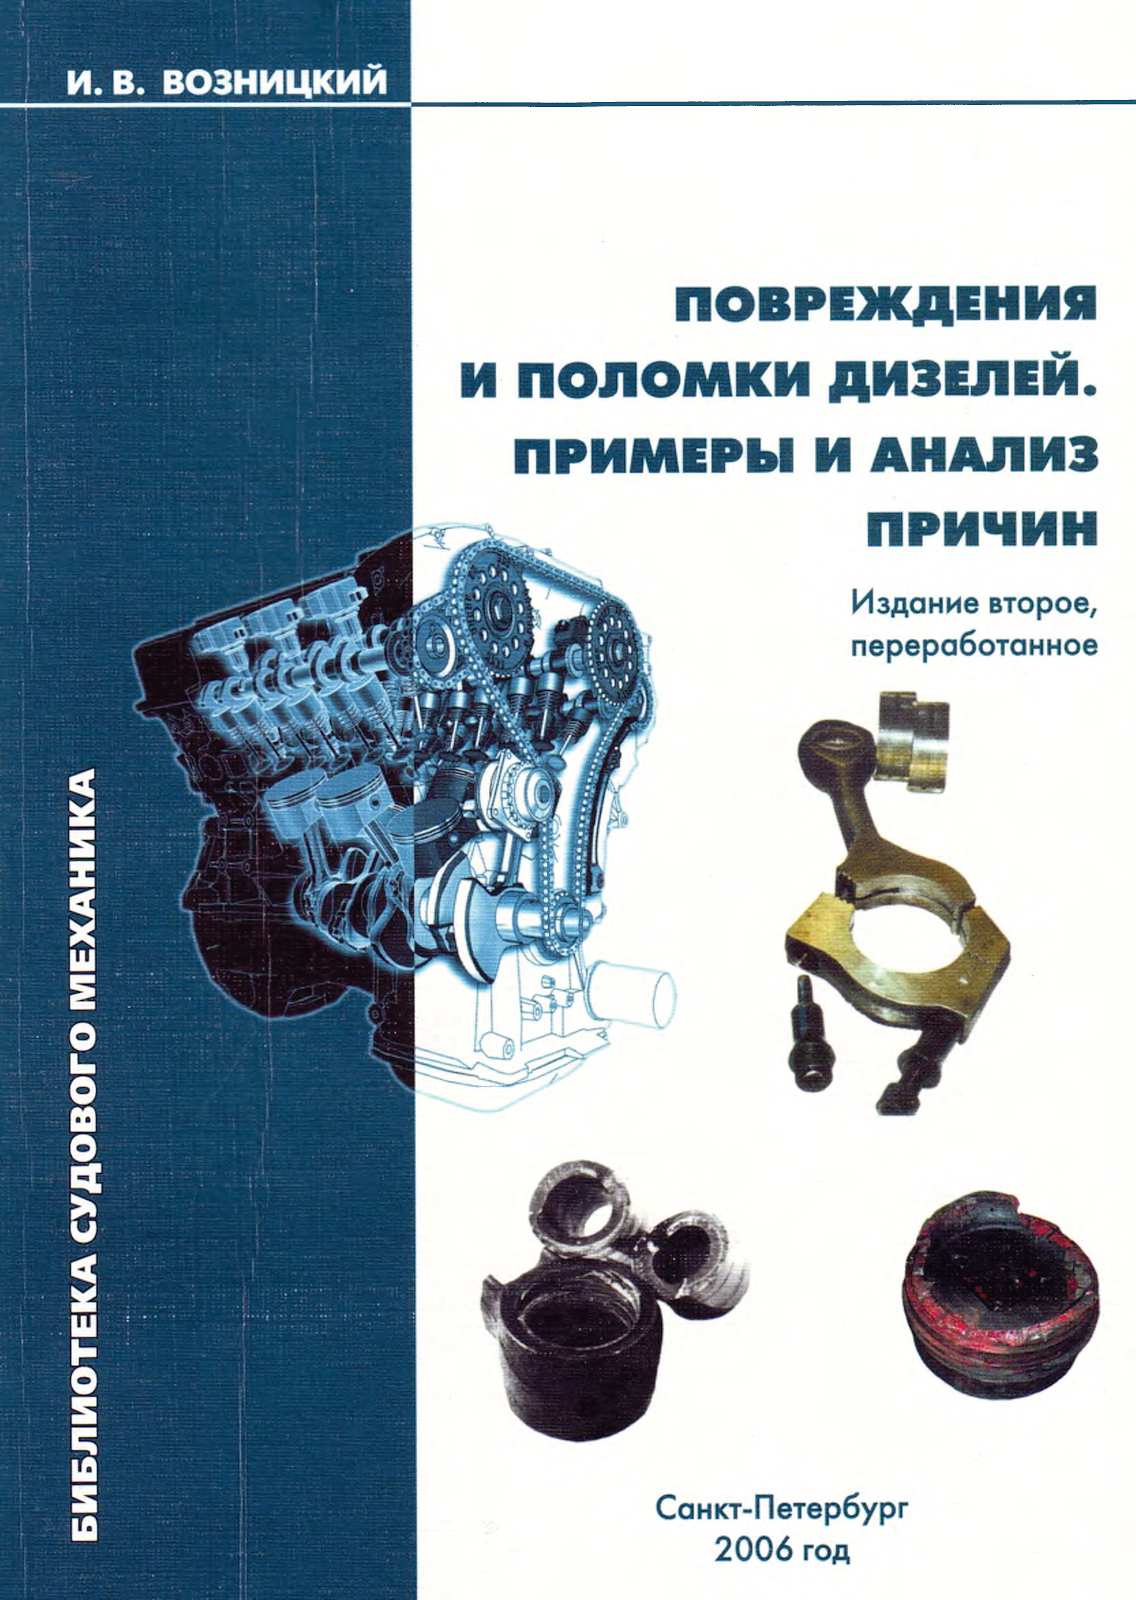 Повреждения и поломки дизелей. Примеры и анализ причин 2е. издание